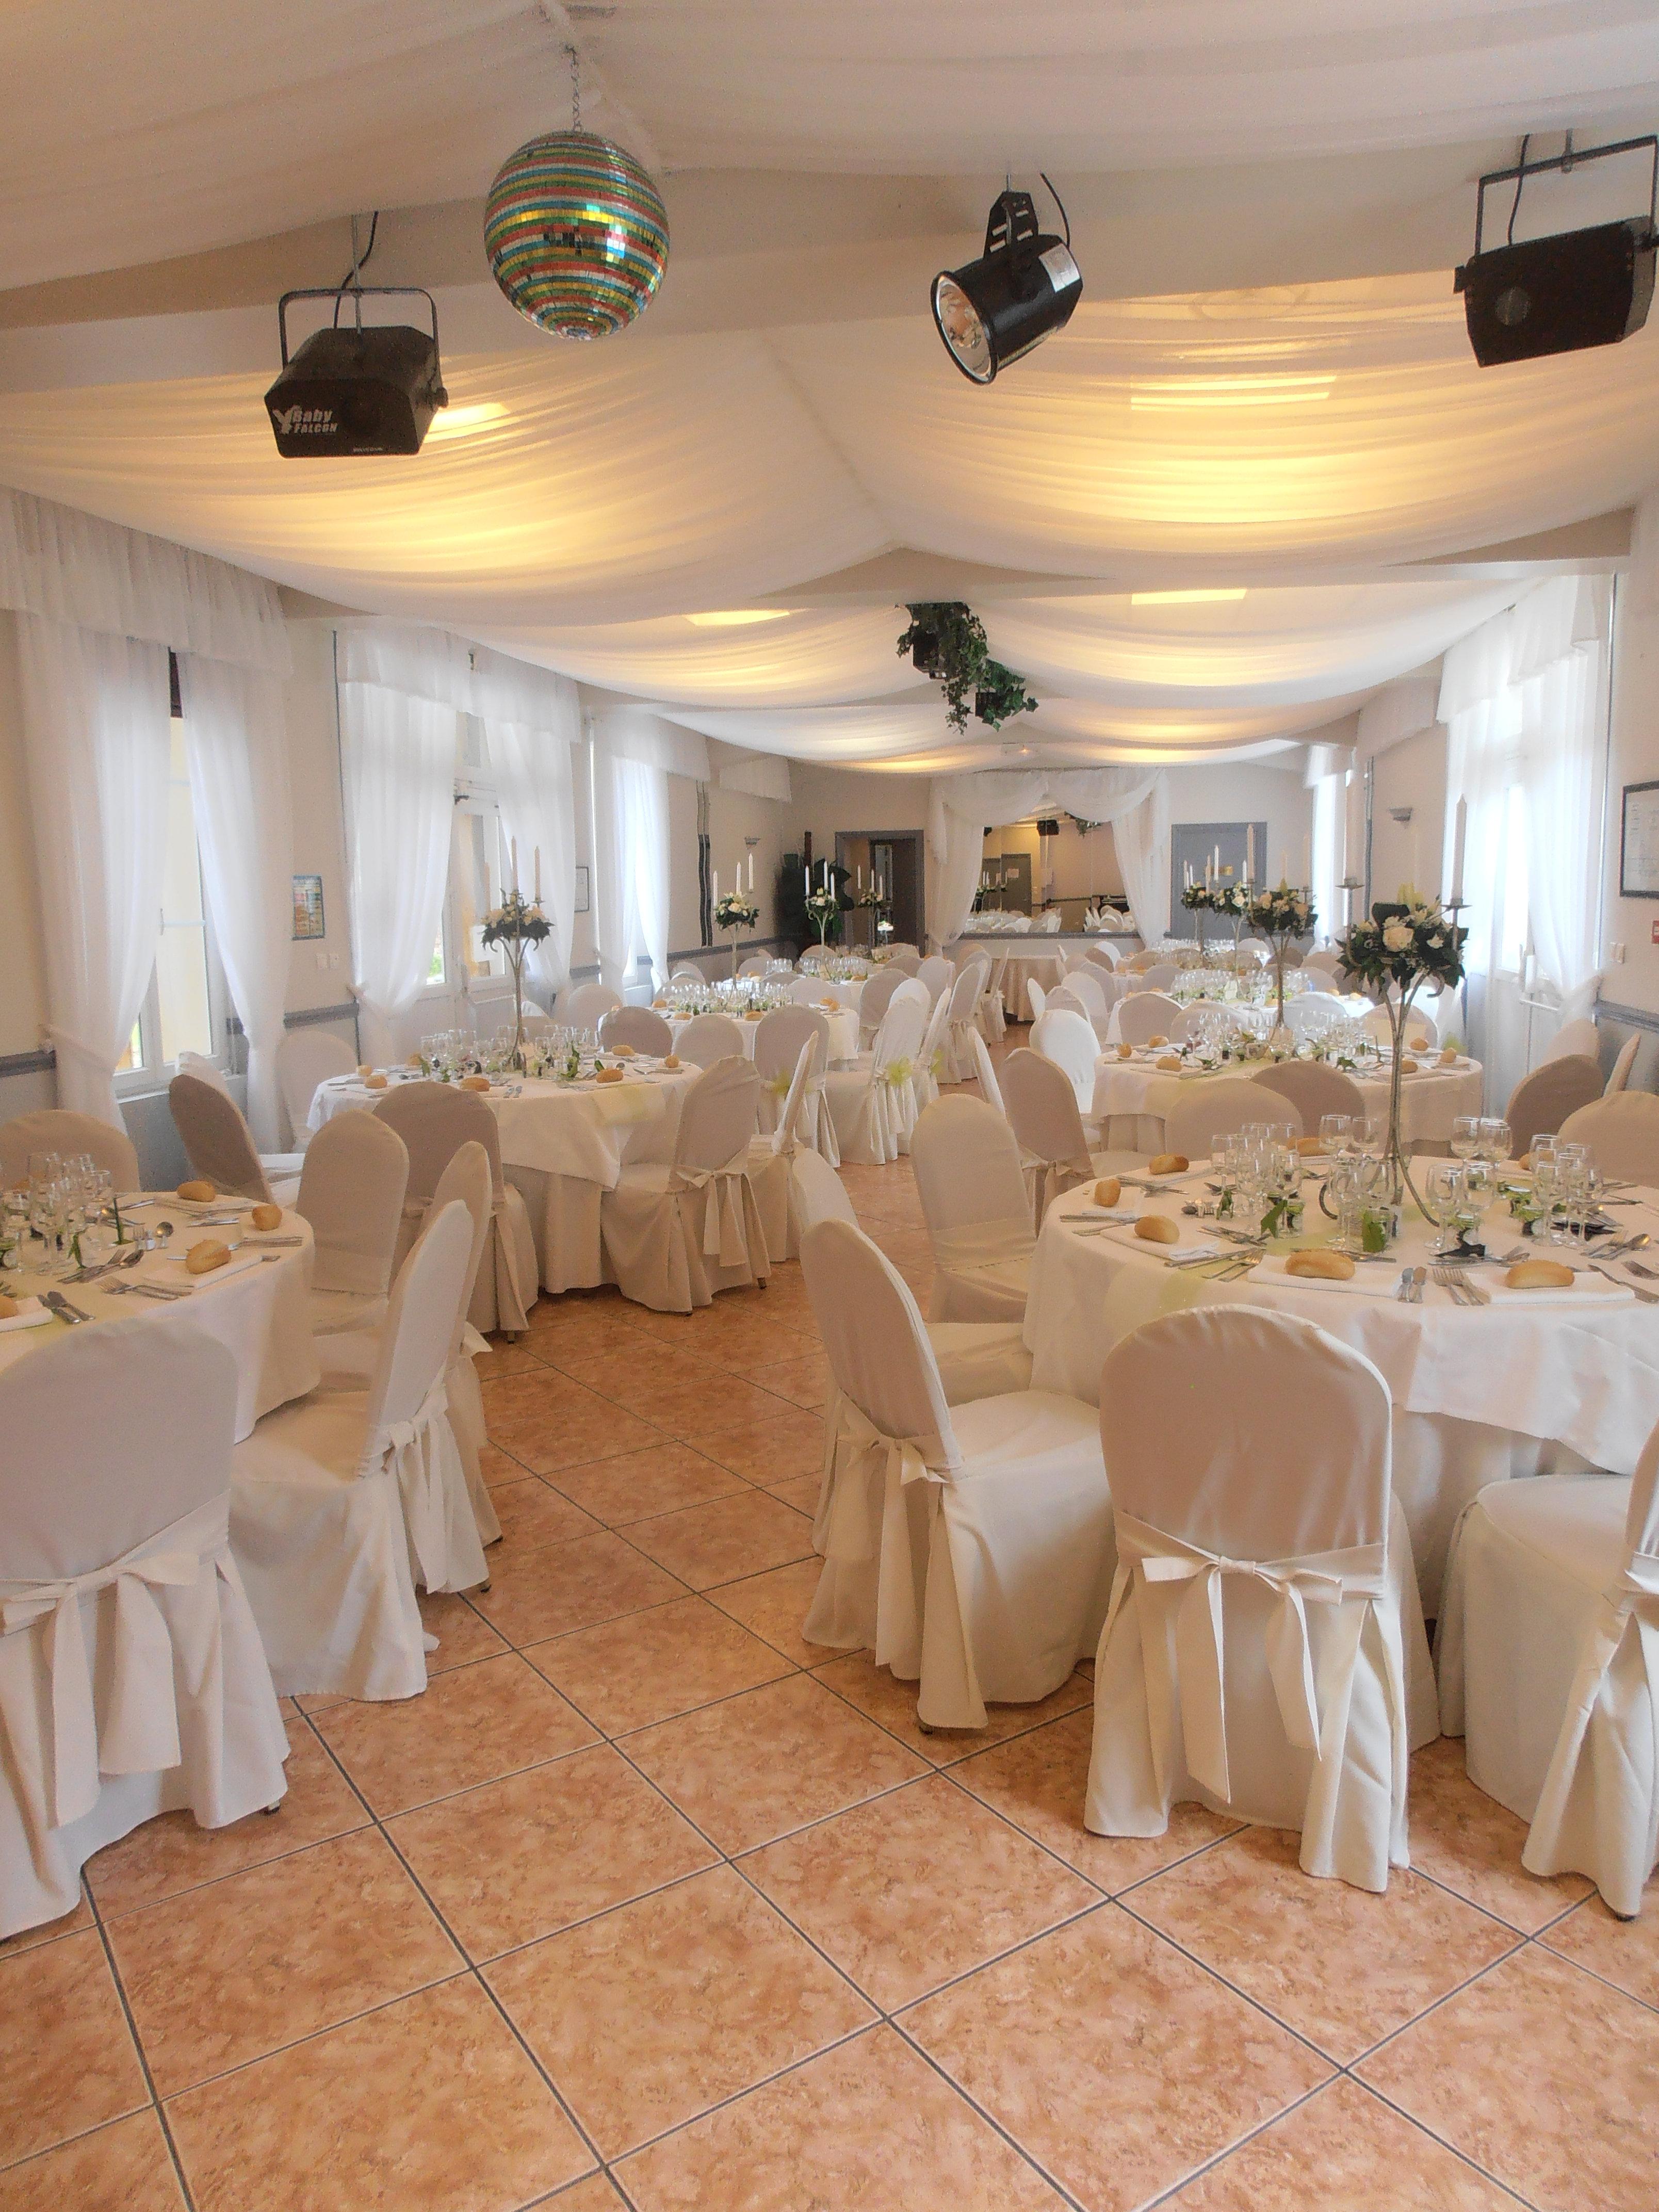 mariage champtre au chteau - Chateau De Pierrefonds Mariage